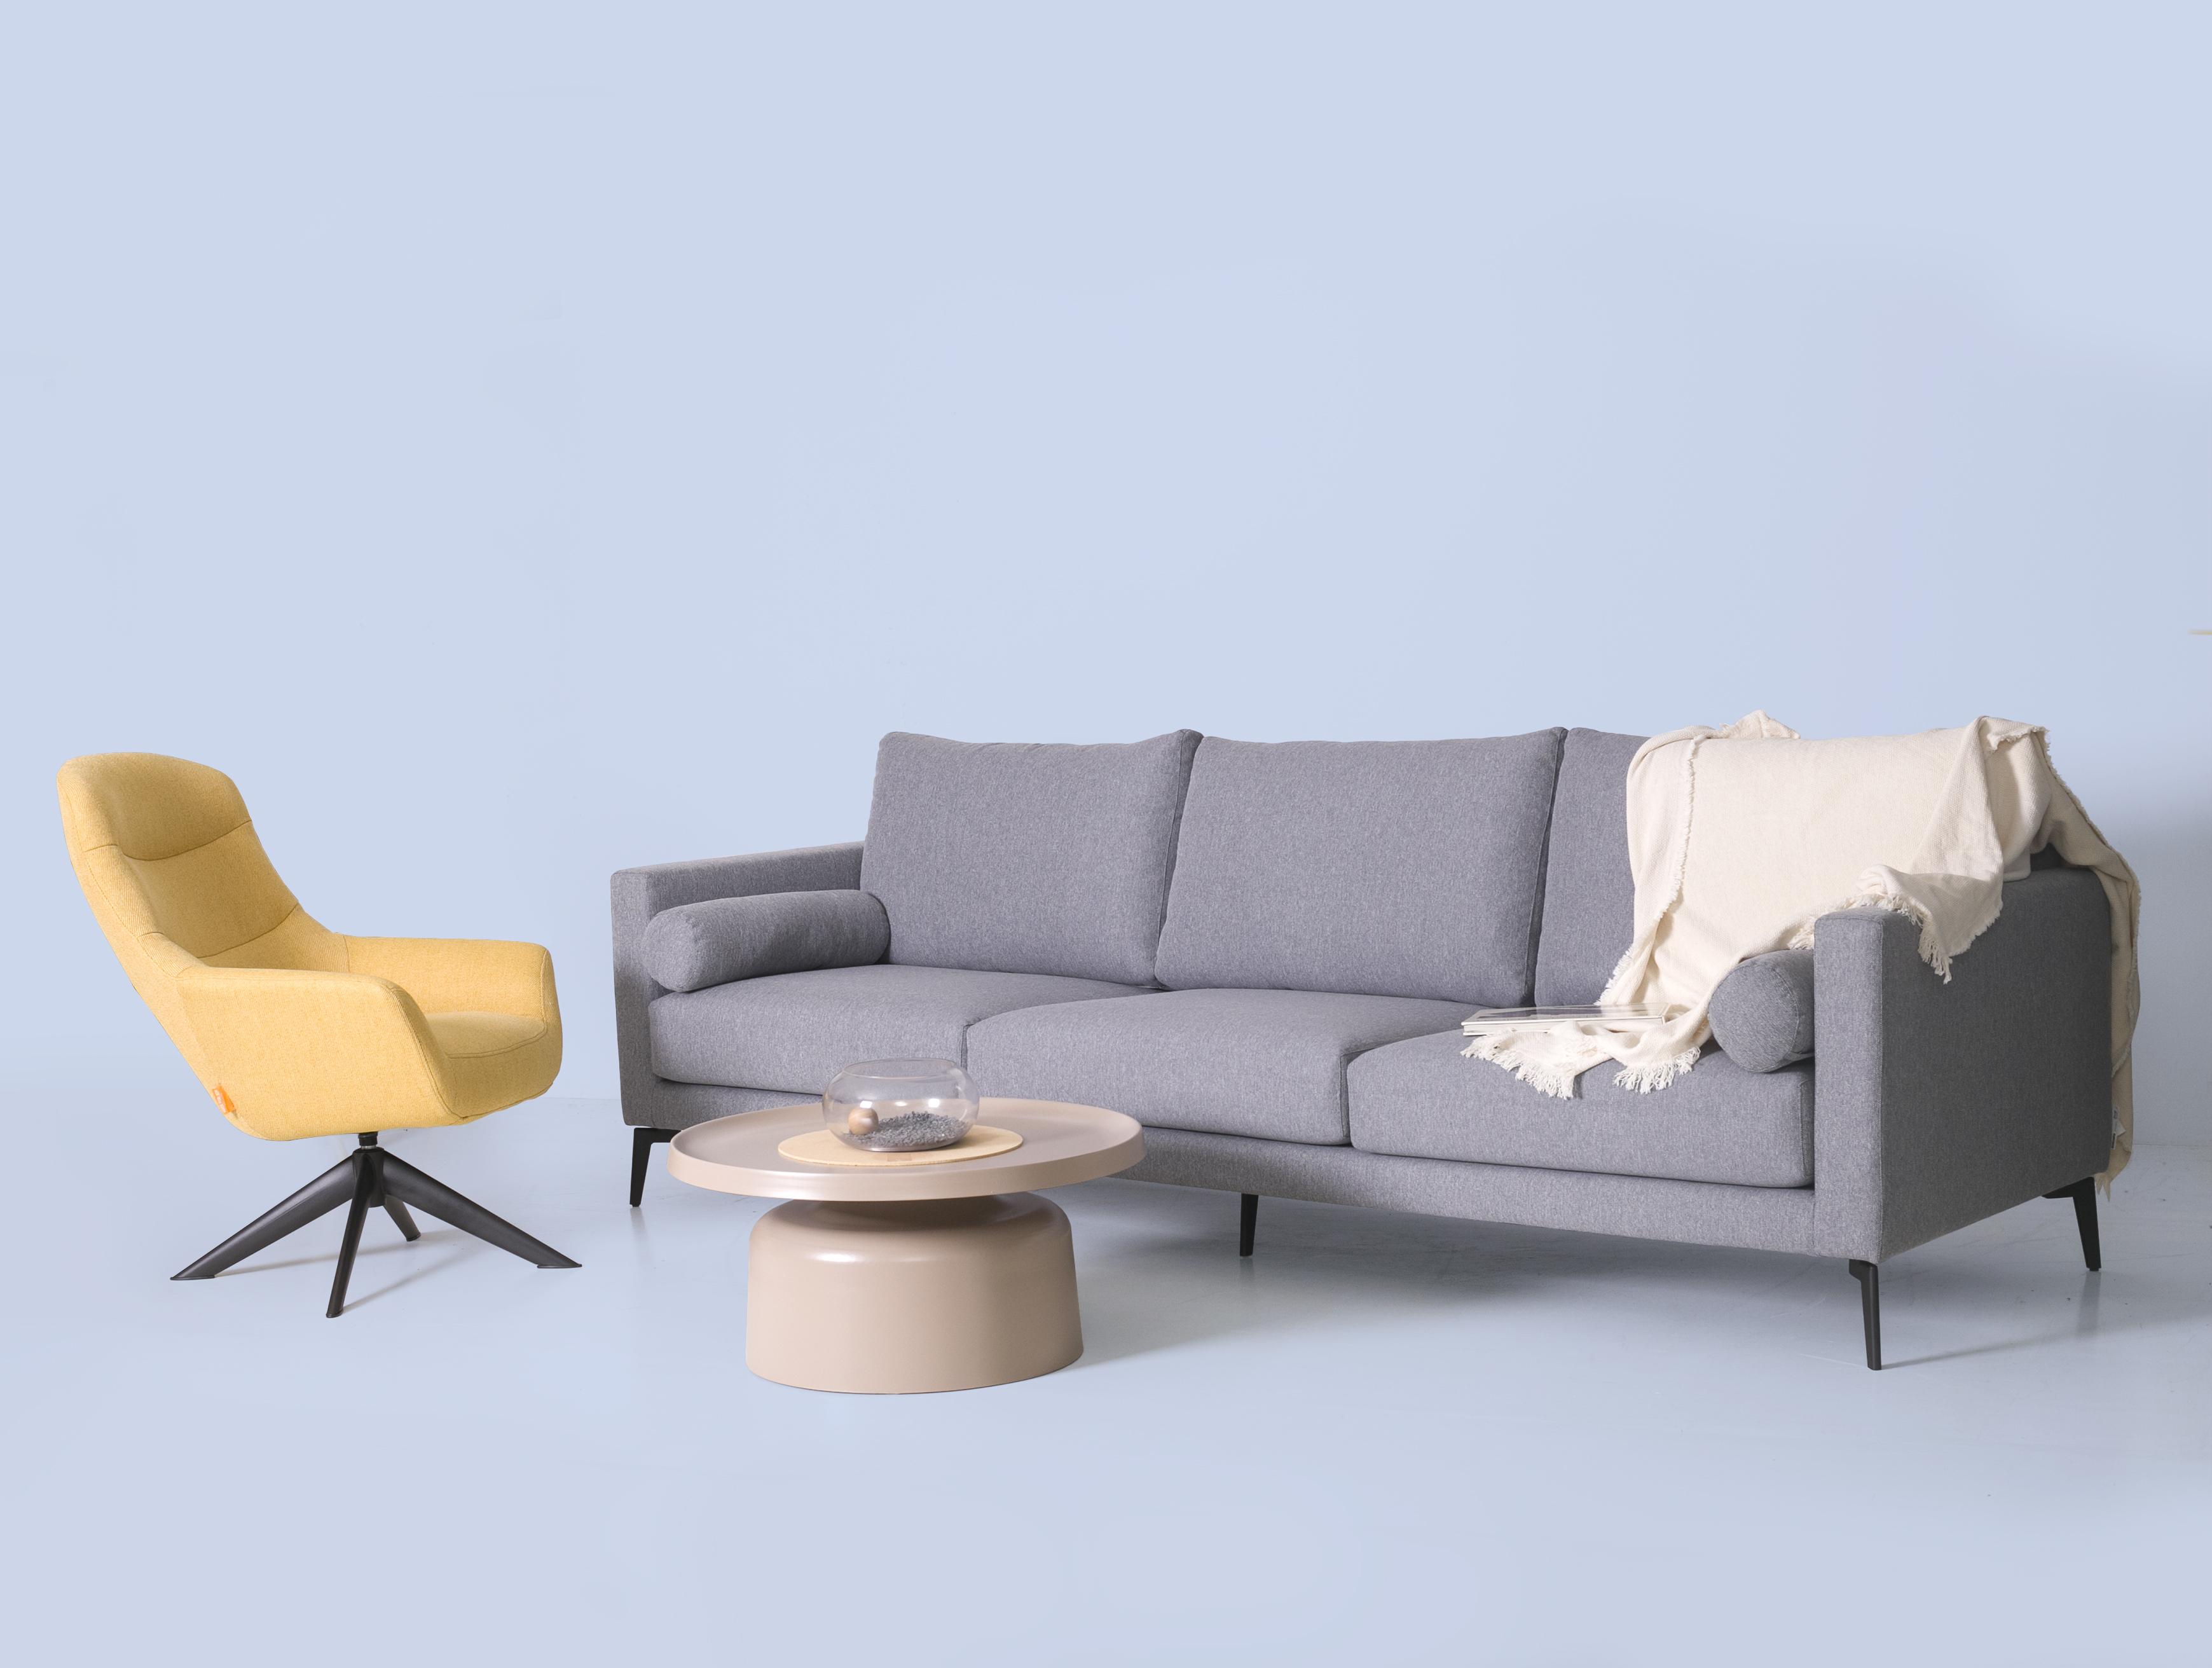 joy-design-online-furniture-shops